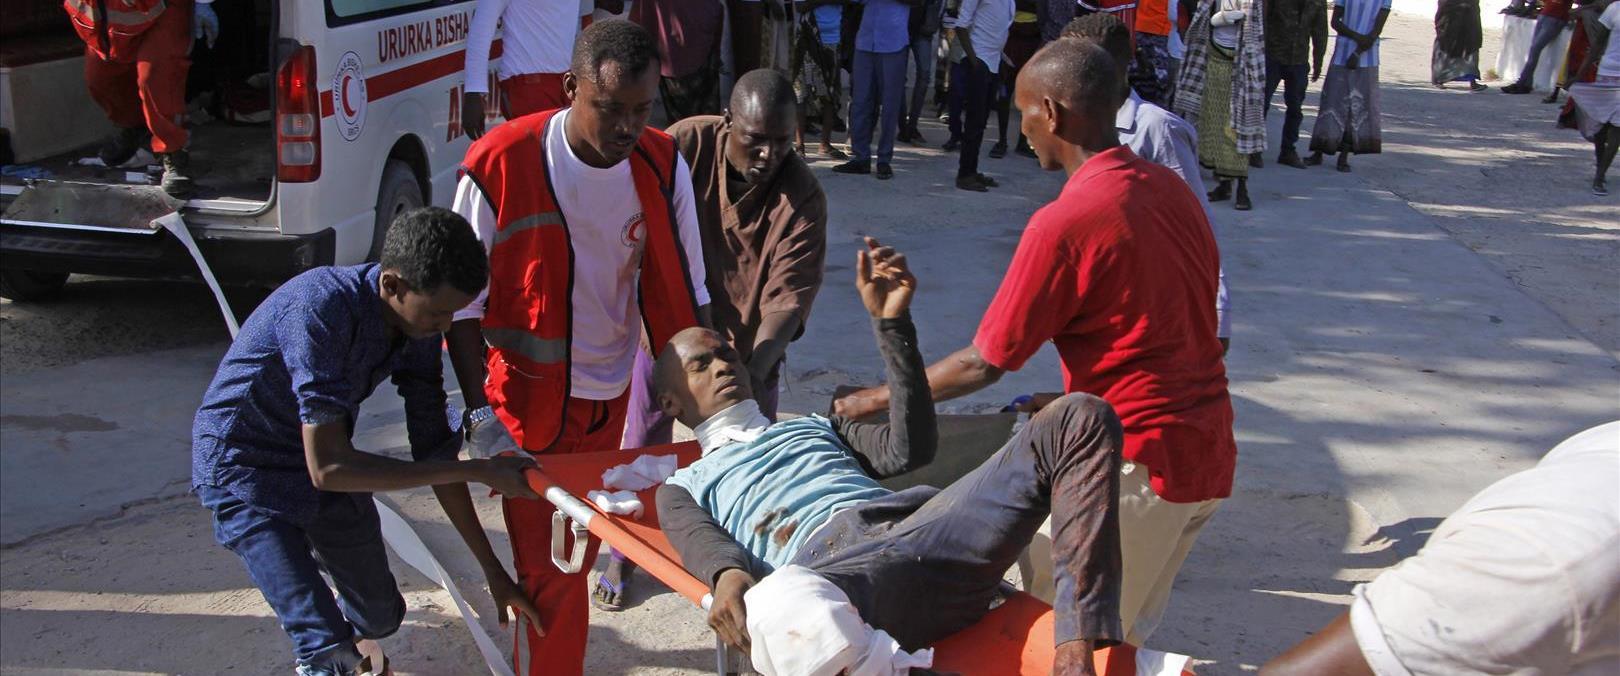 פצוע מהפיצוץ בסומליה מפונה